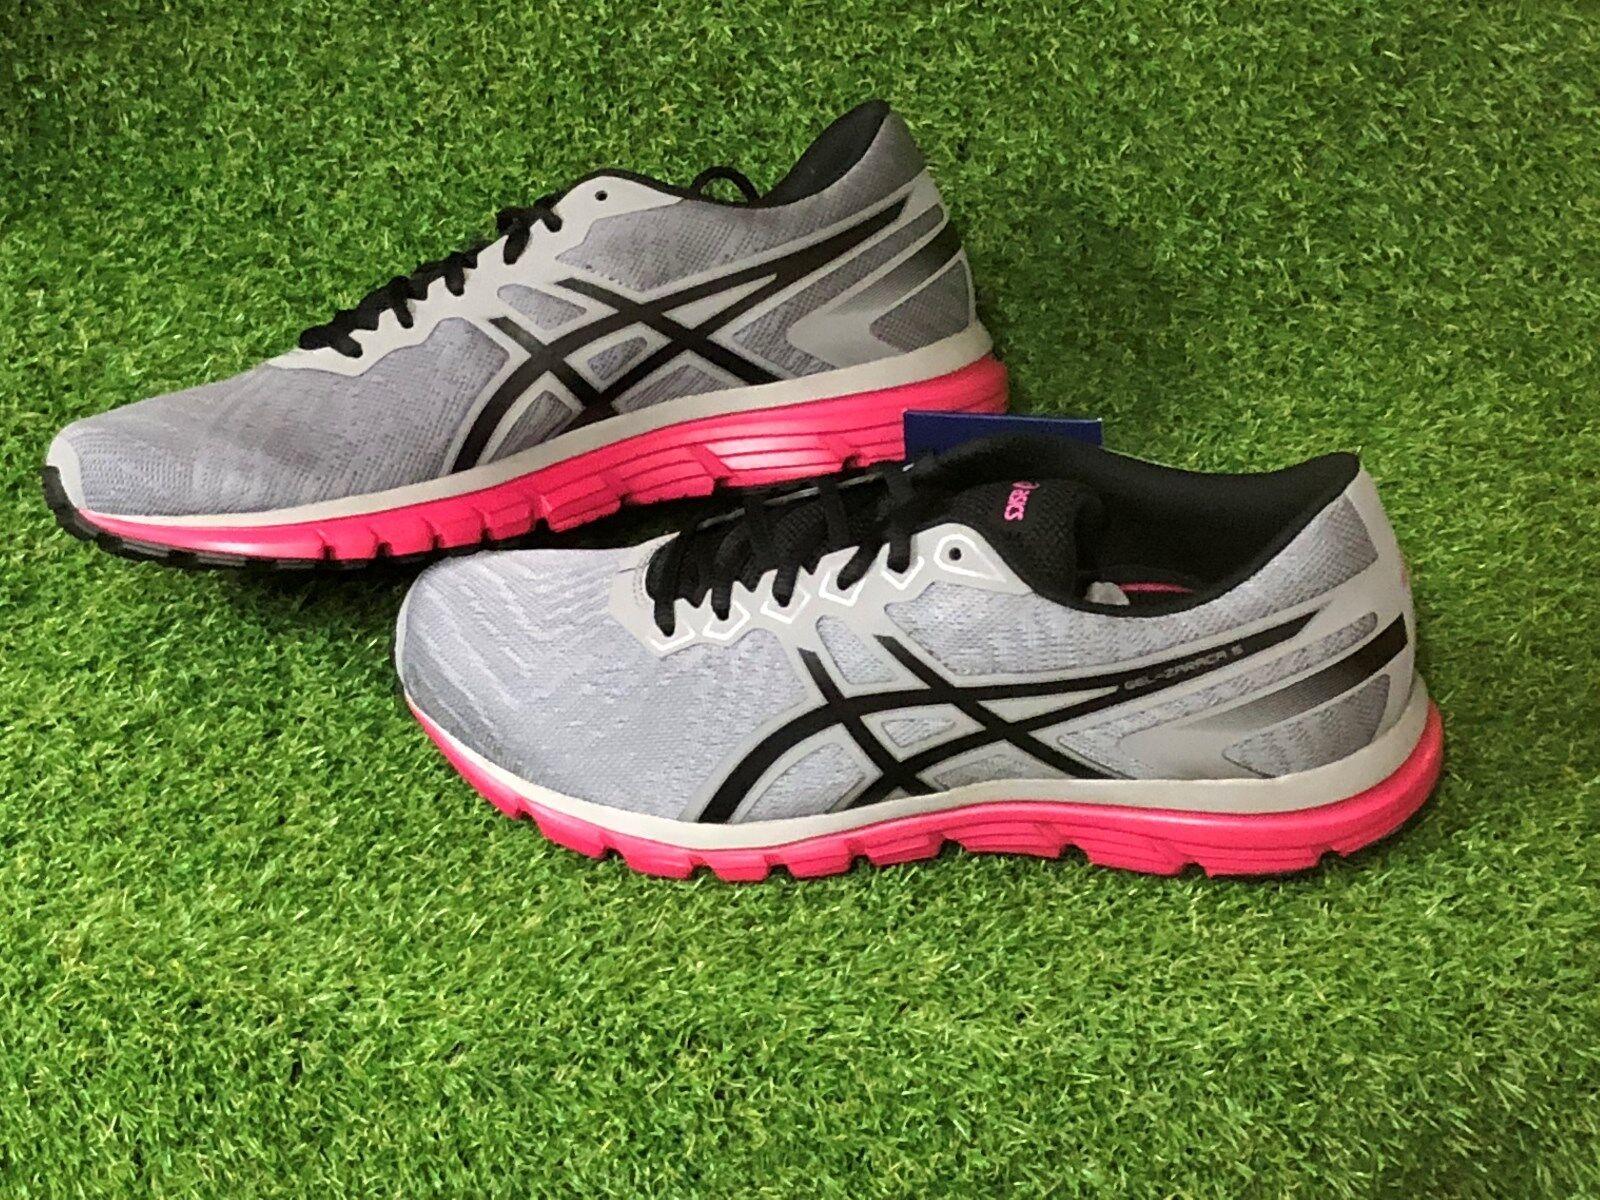 ASICS GEL Zaraca 5 Chaussures De Course Running Femmes  Nouveau neuf dans sa boîte